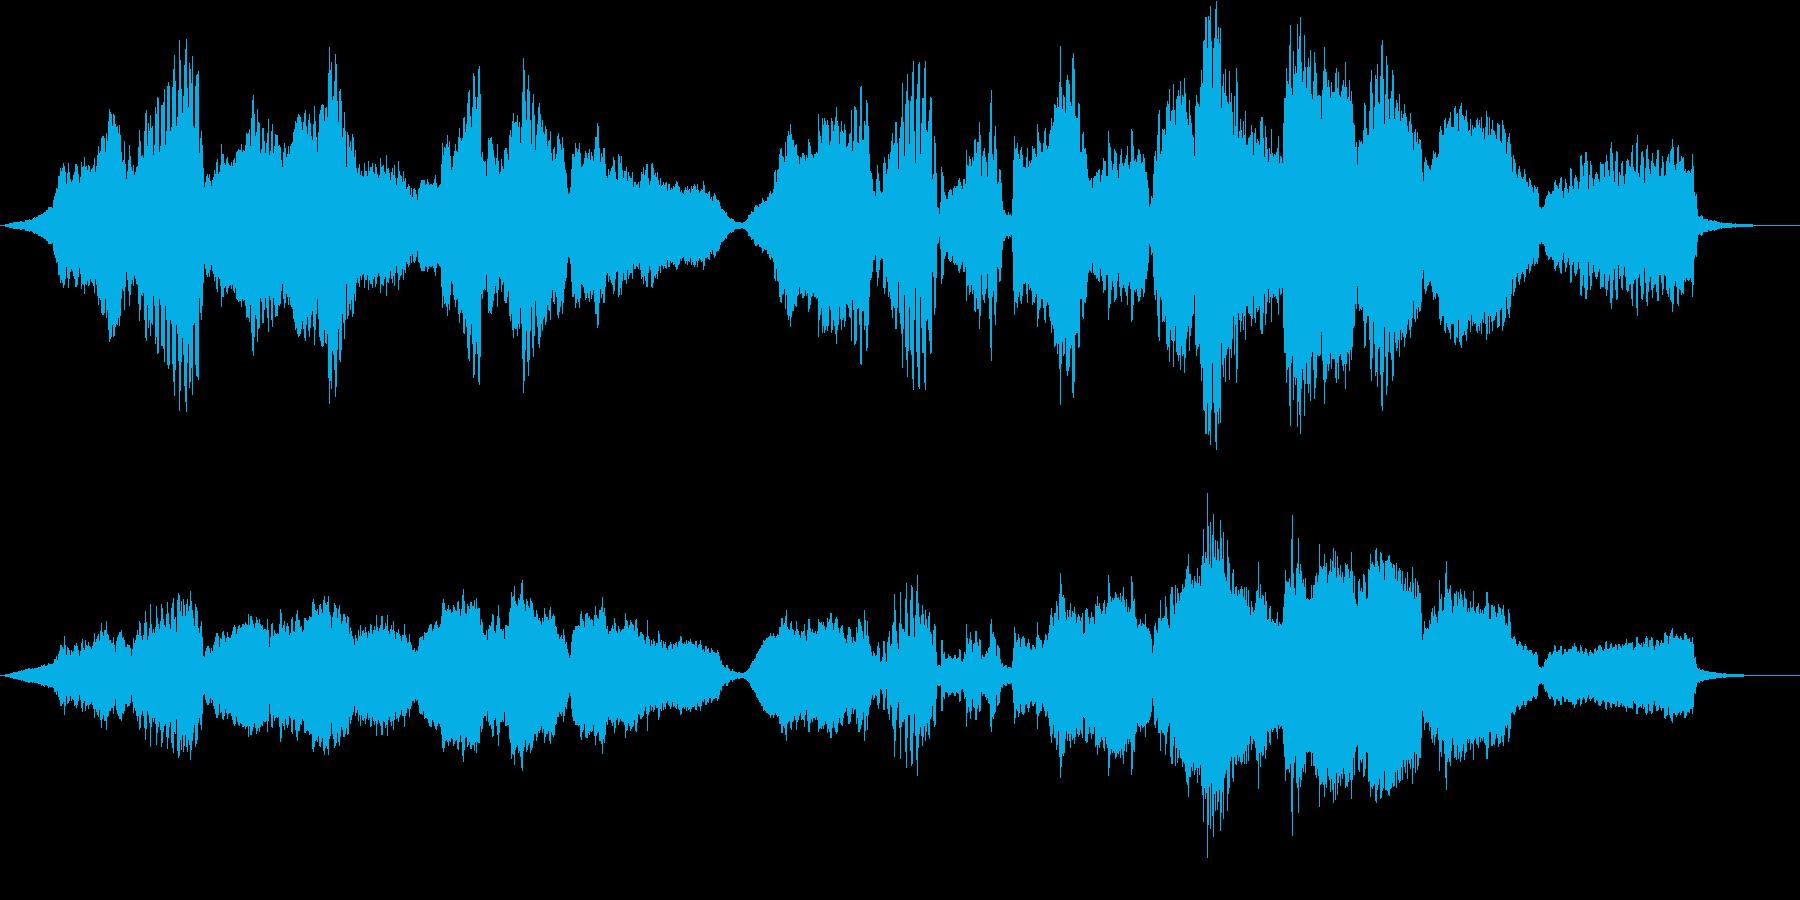 悲壮感と希望の木管四重奏・ソロフルートの再生済みの波形